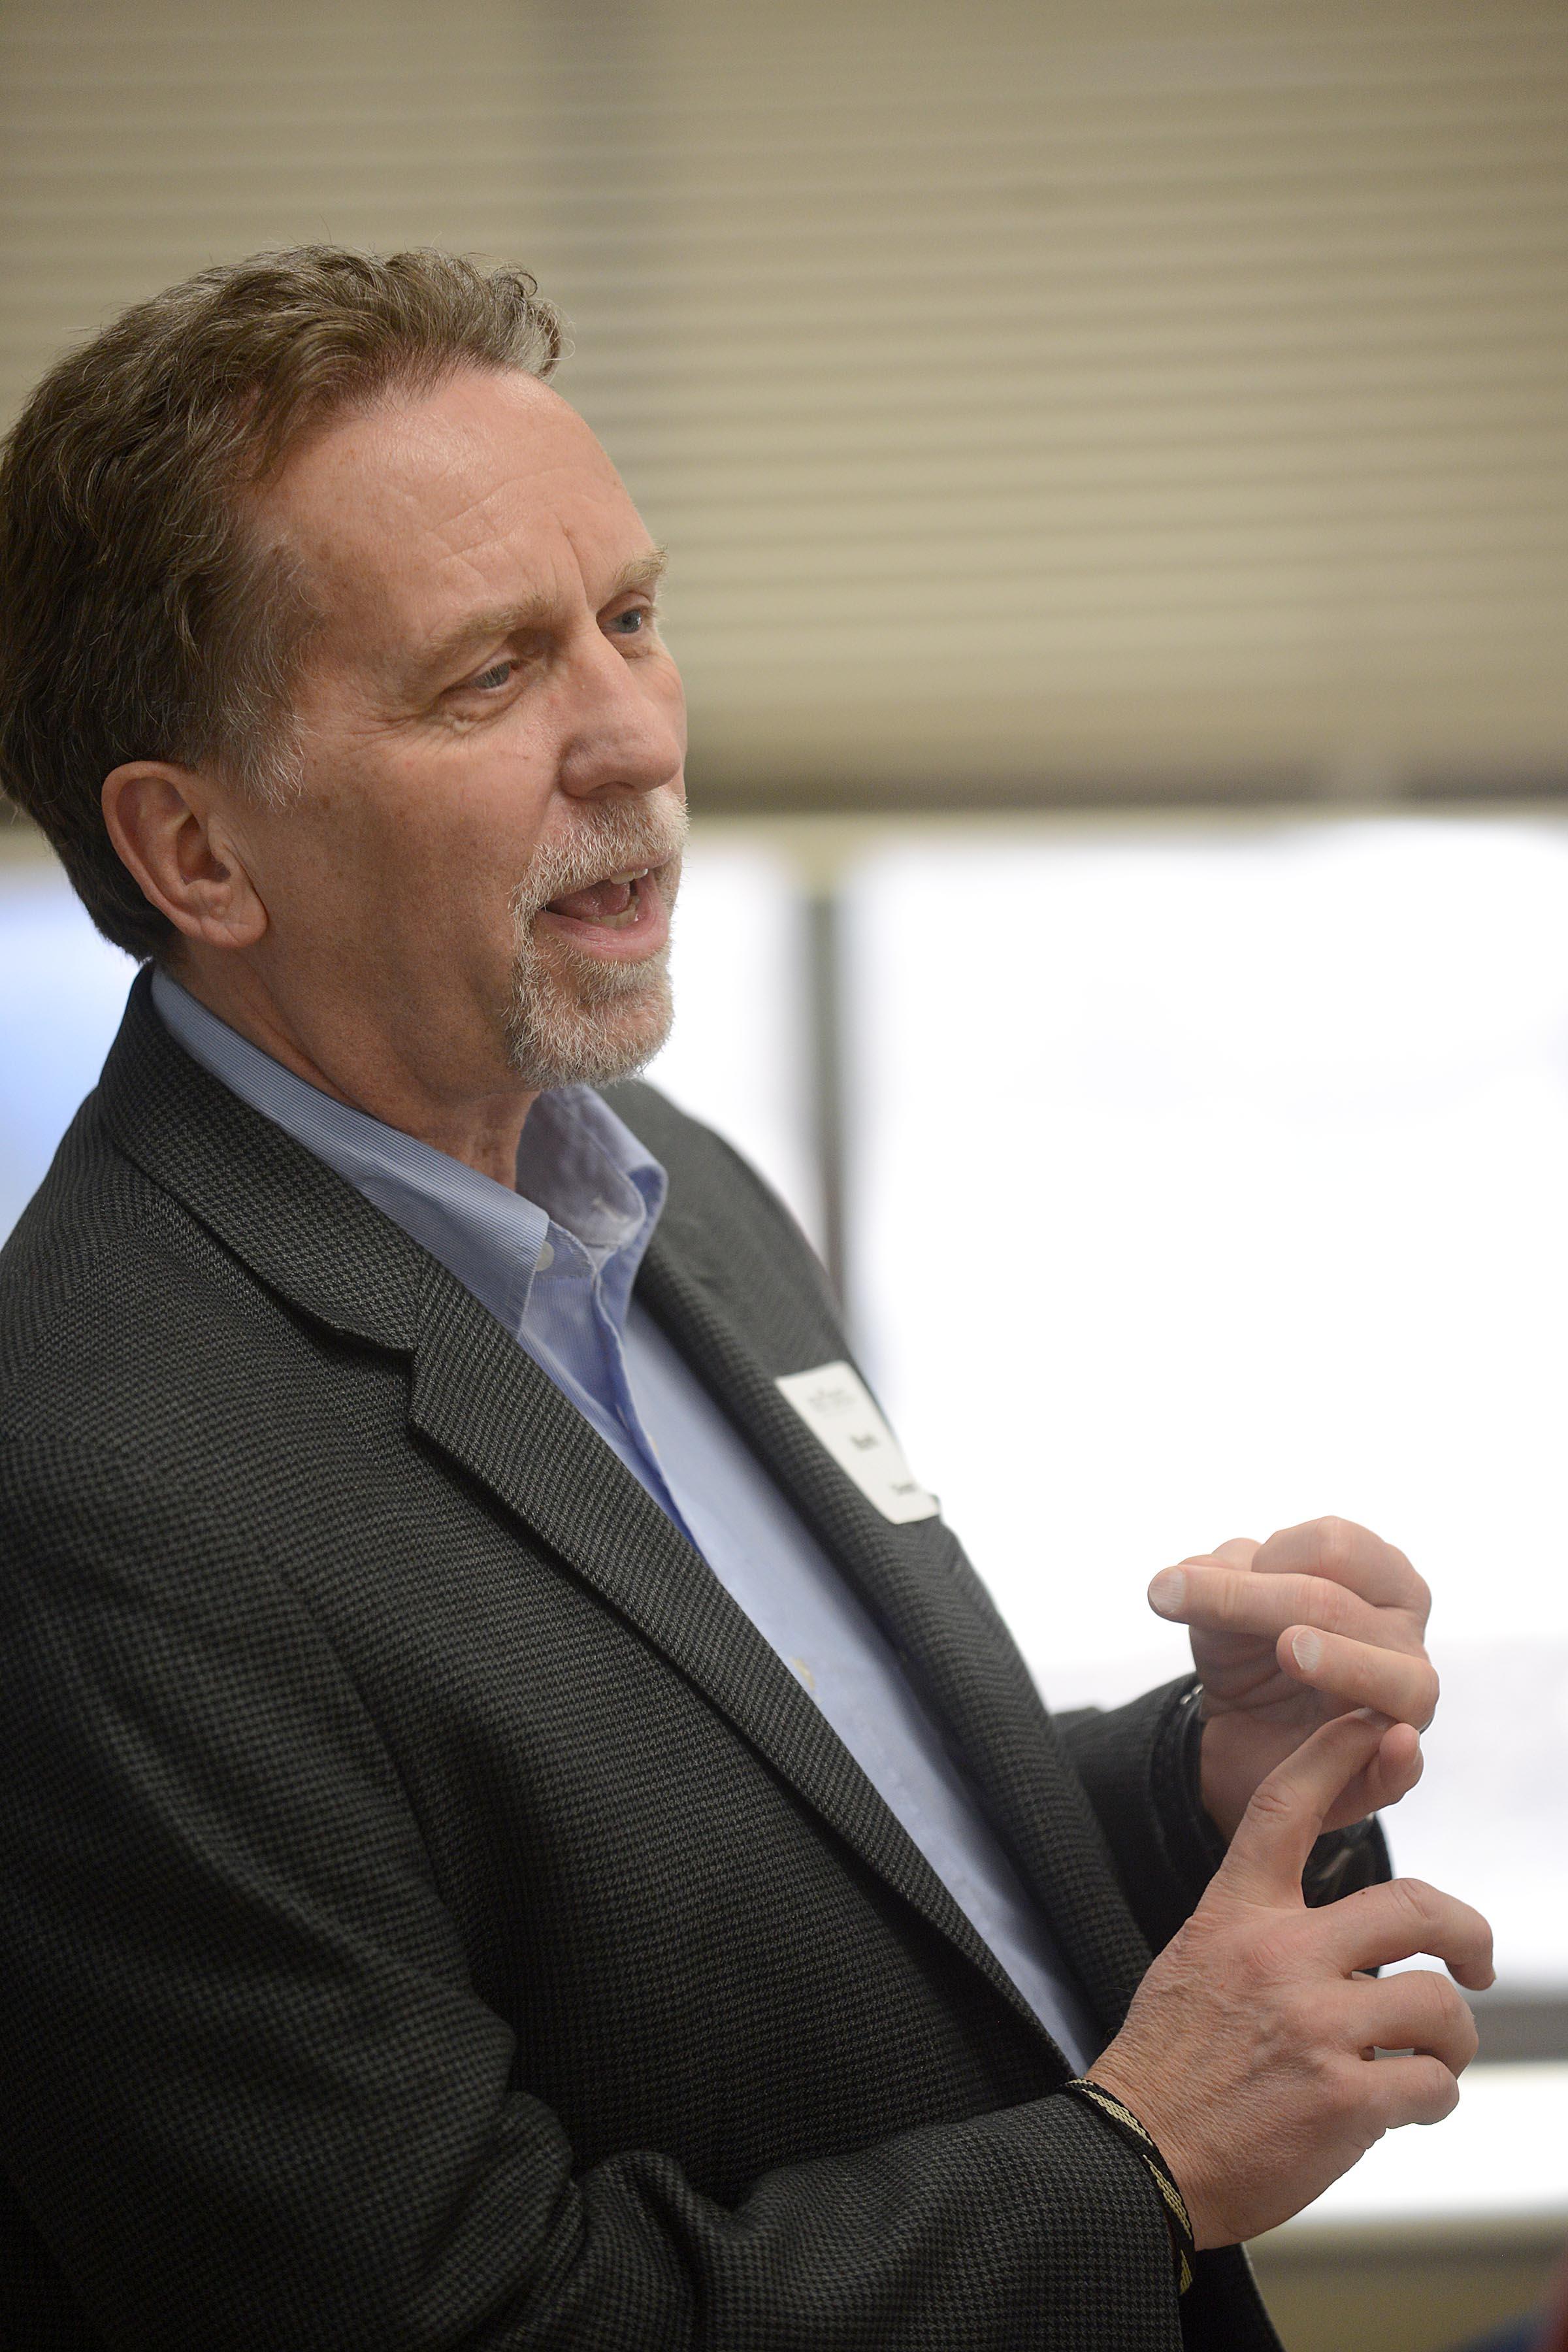 Dr. Mark Chupp